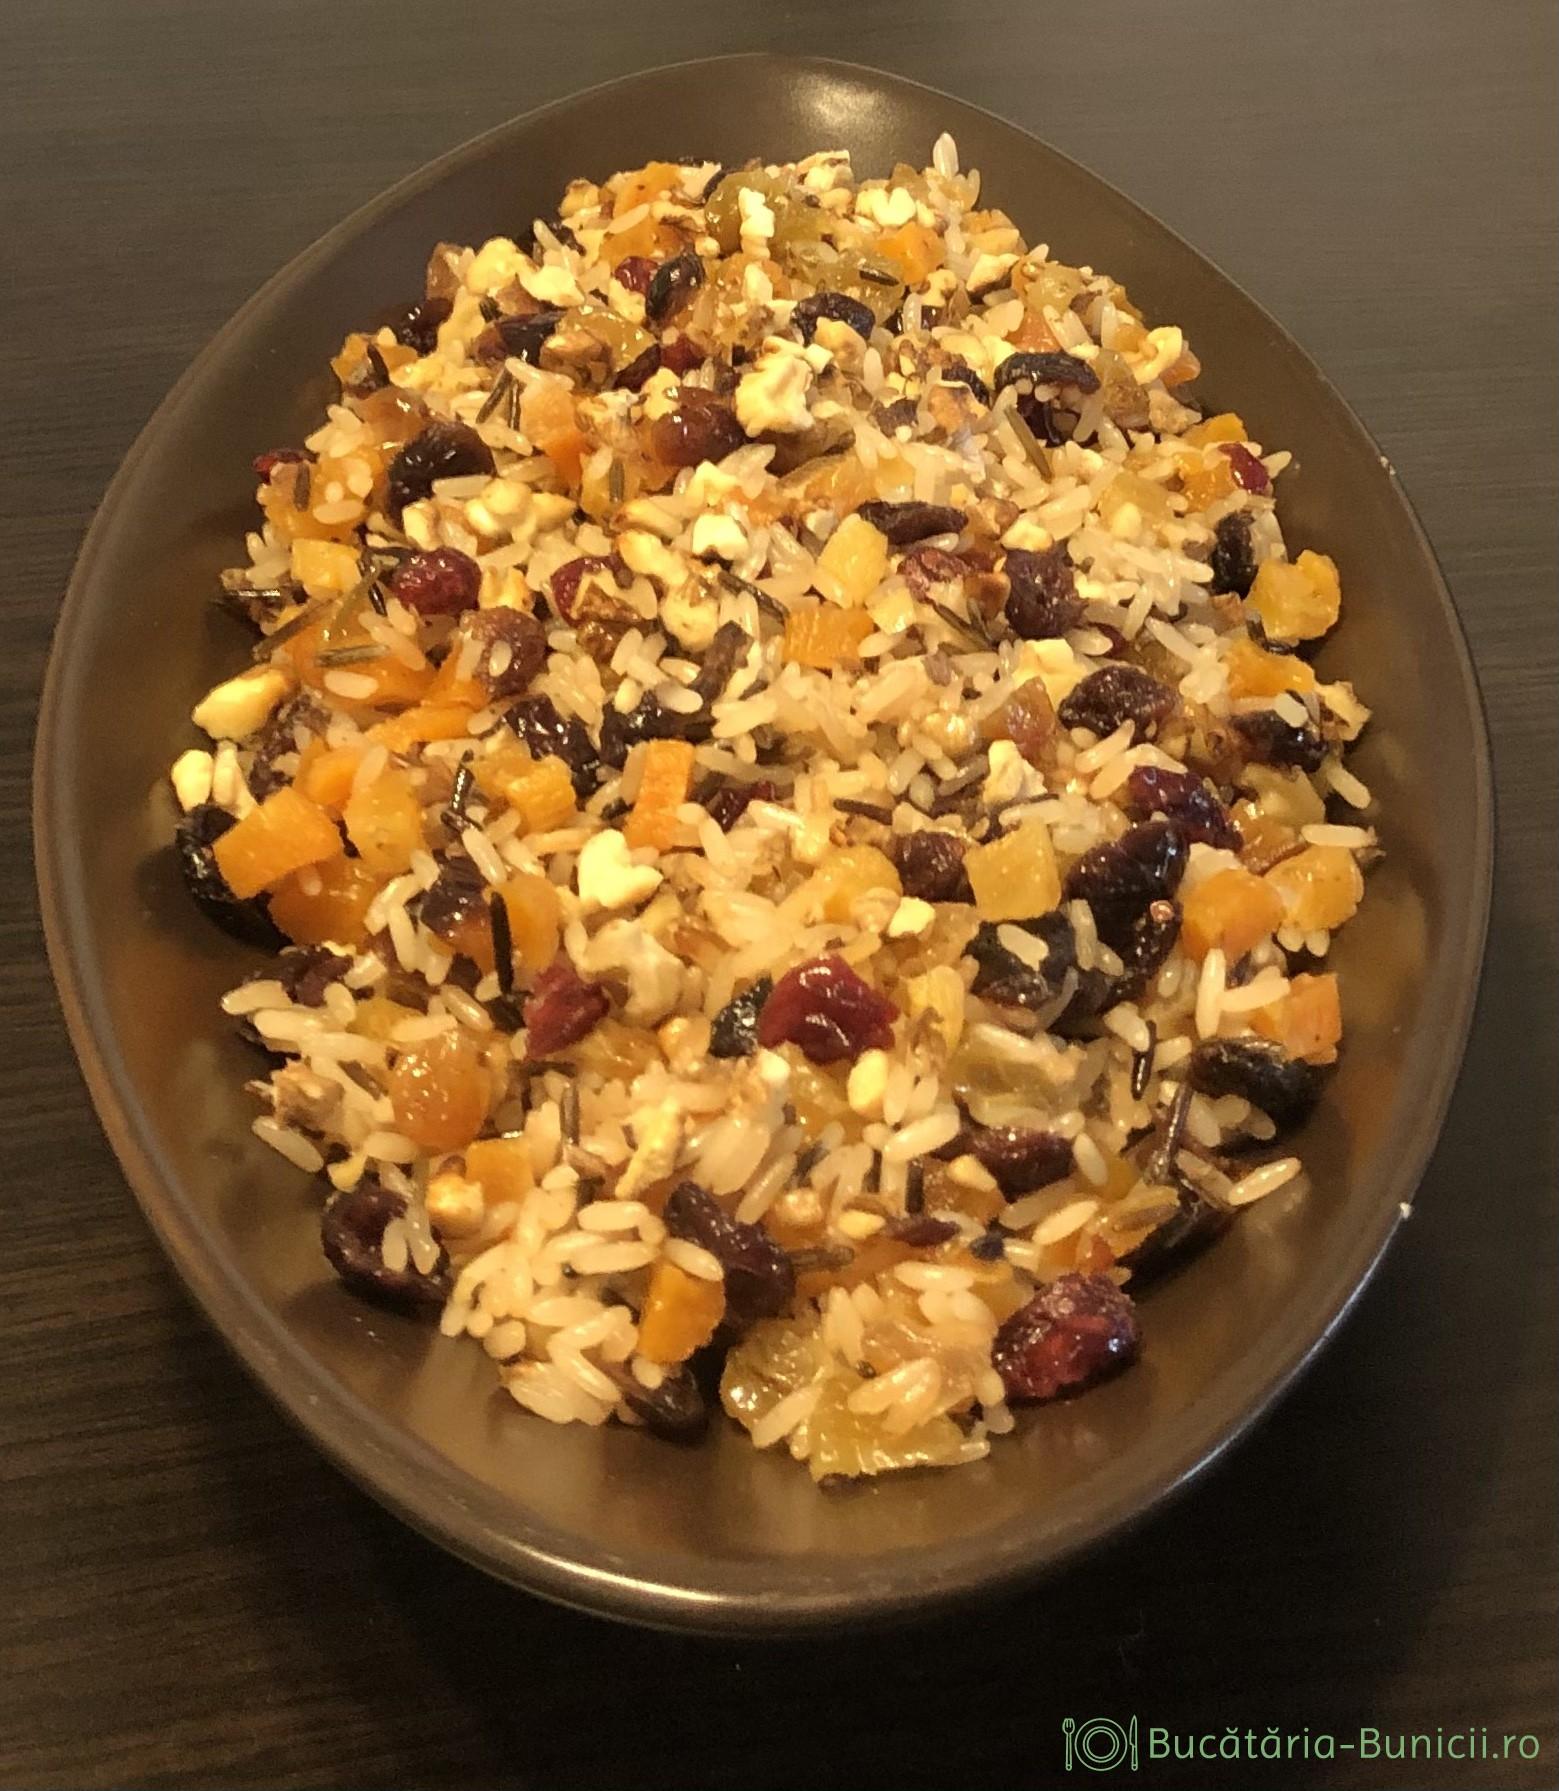 Salata de orez sălbatic,fructe uscate și nuci